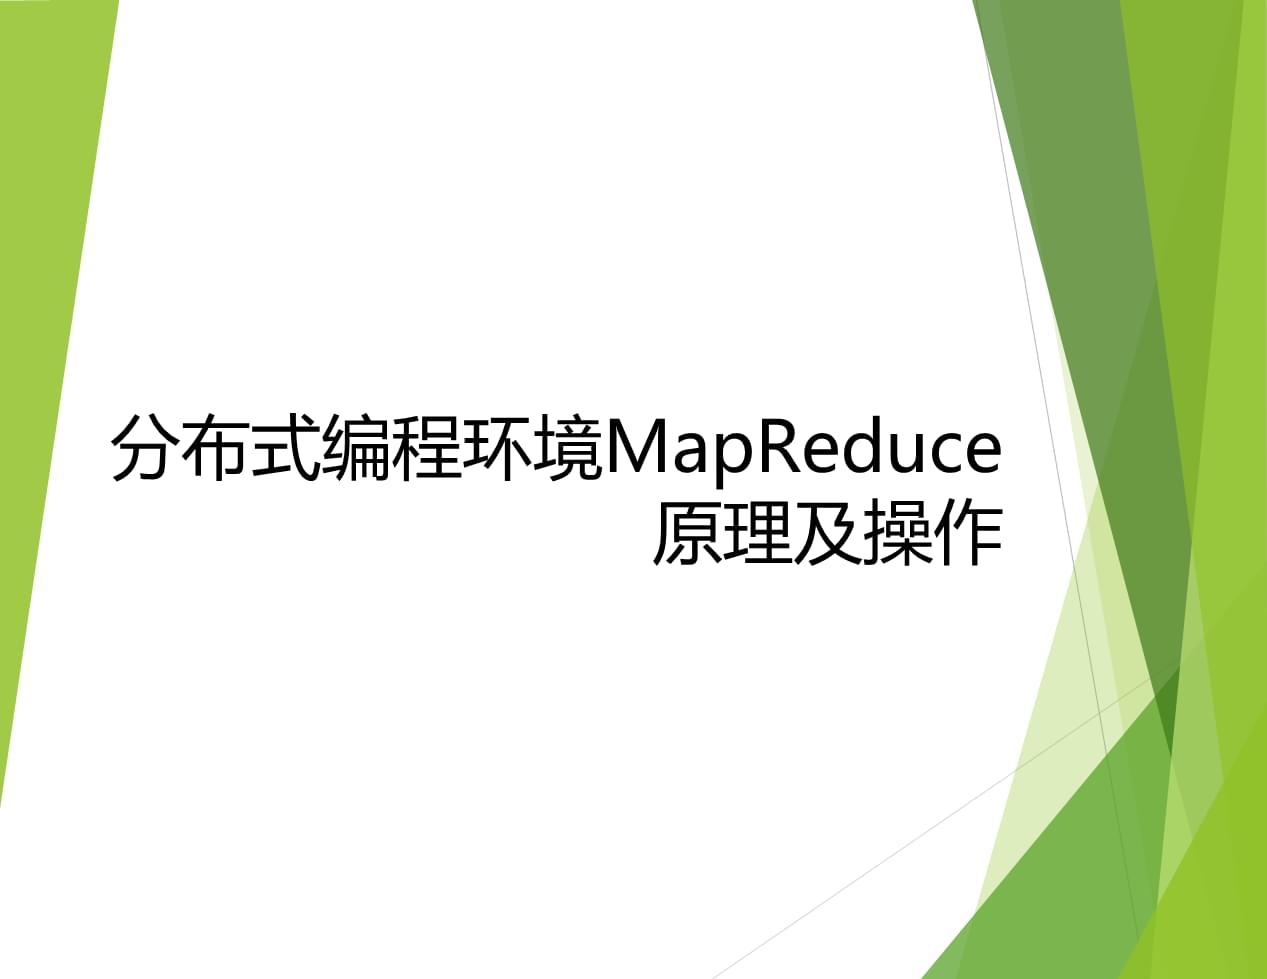 分布式编程环境MapReduce原理及操作教程课件.pptx